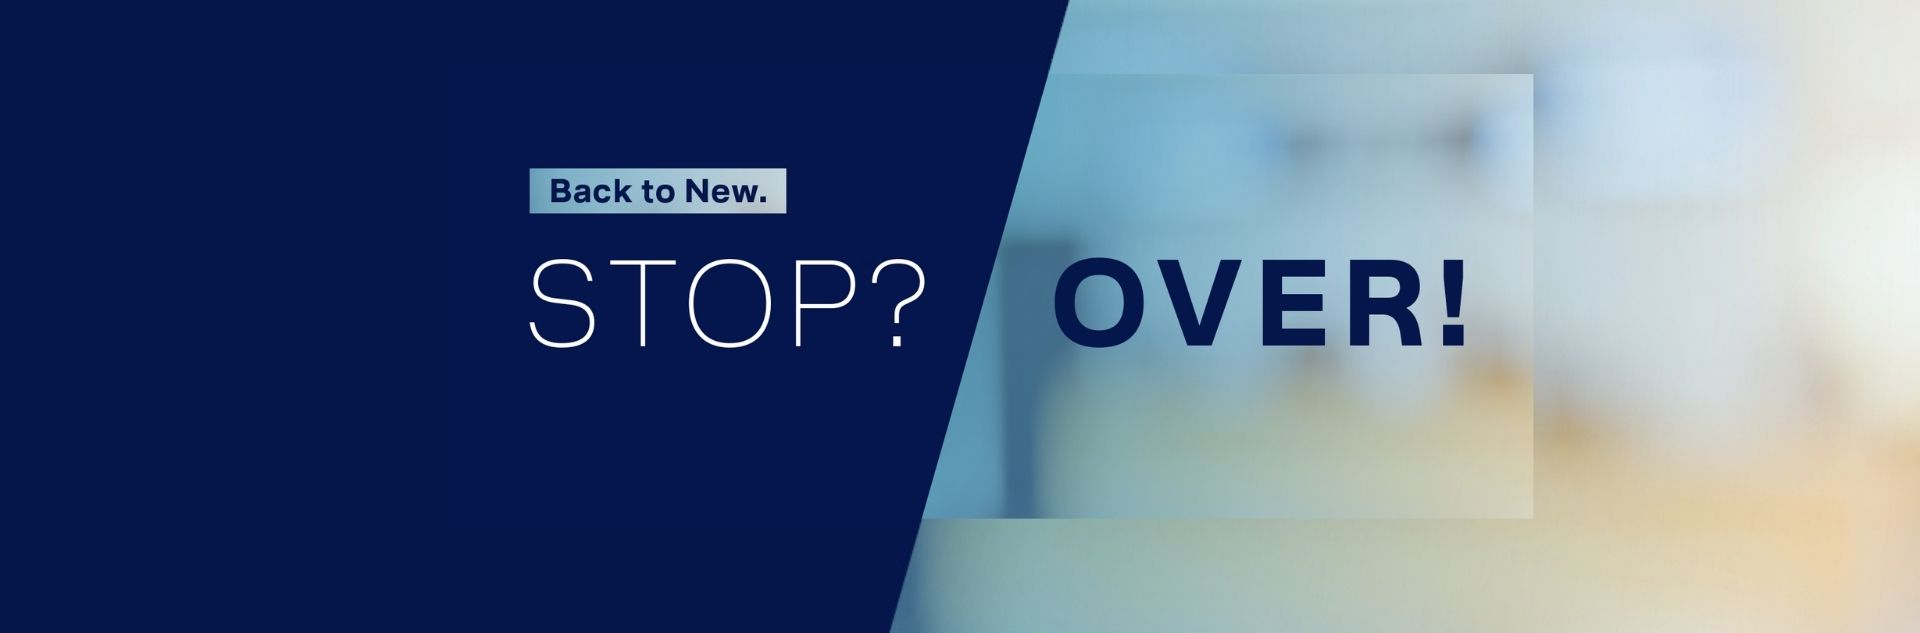 Back to new. Stop? Over! Entdecken Sie die neue Art der Geschäftsreise.